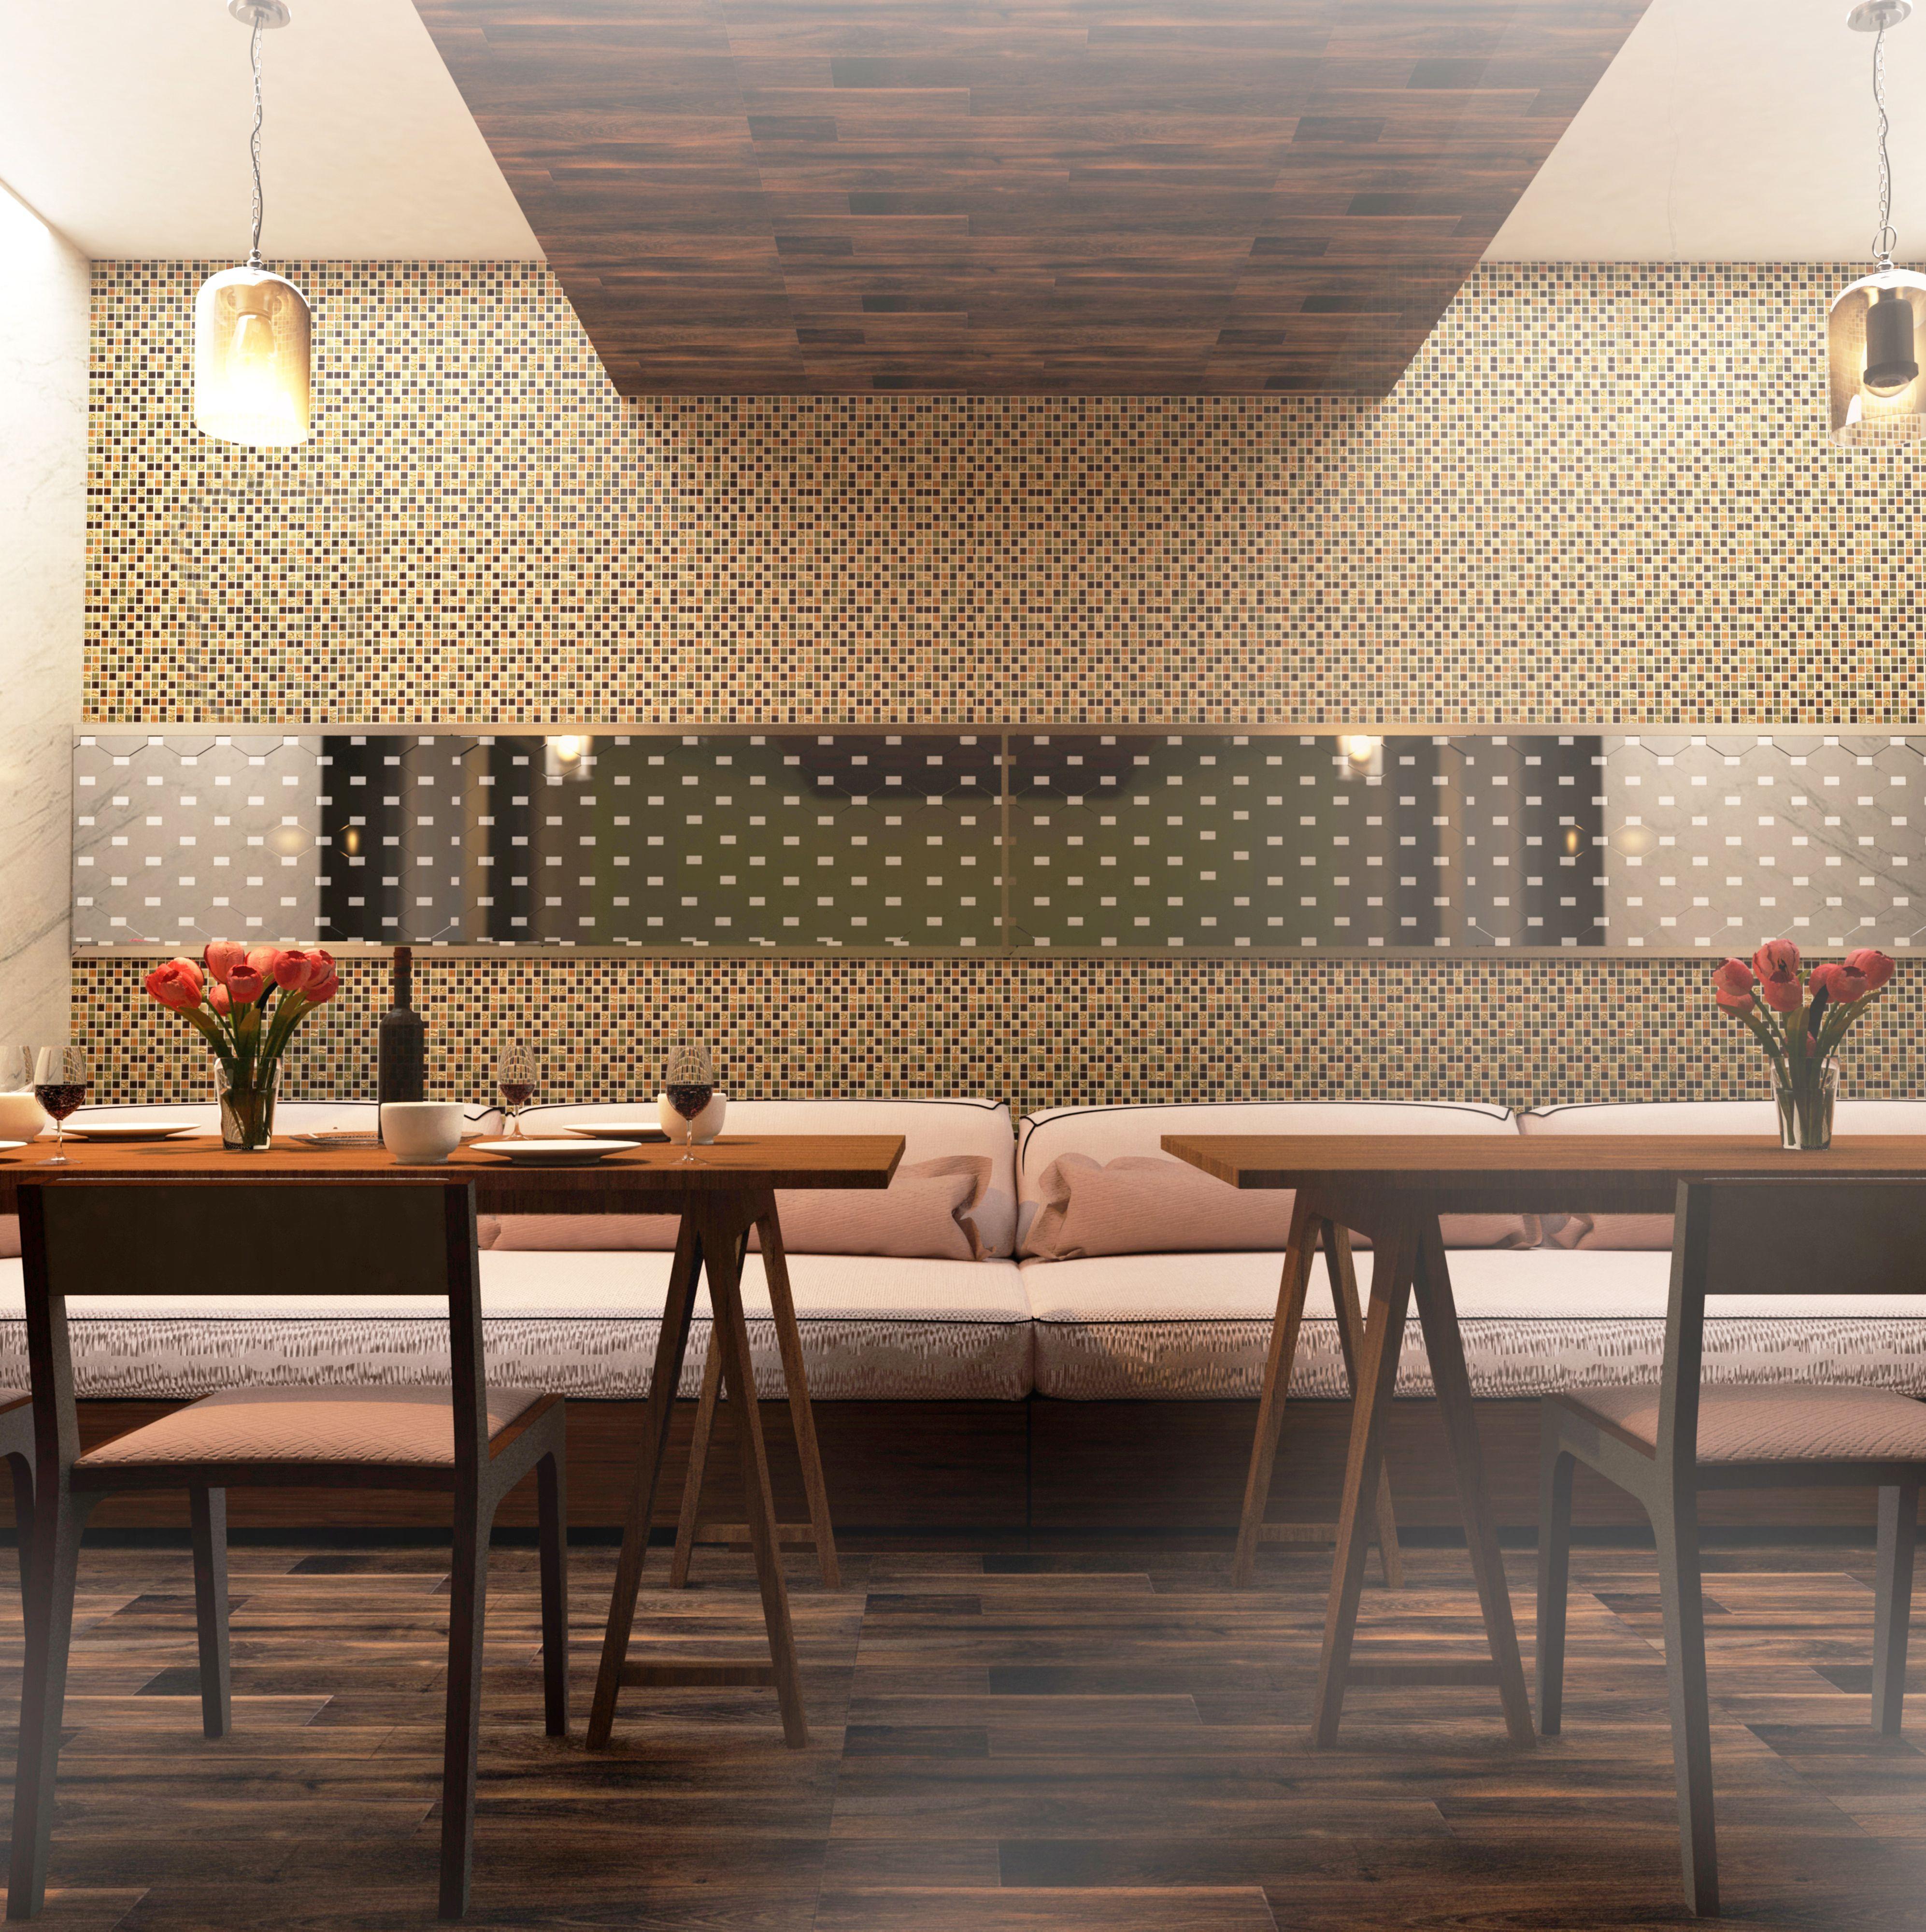 imex glass tiles commercial glass tile ceramic tiles porcelain tile